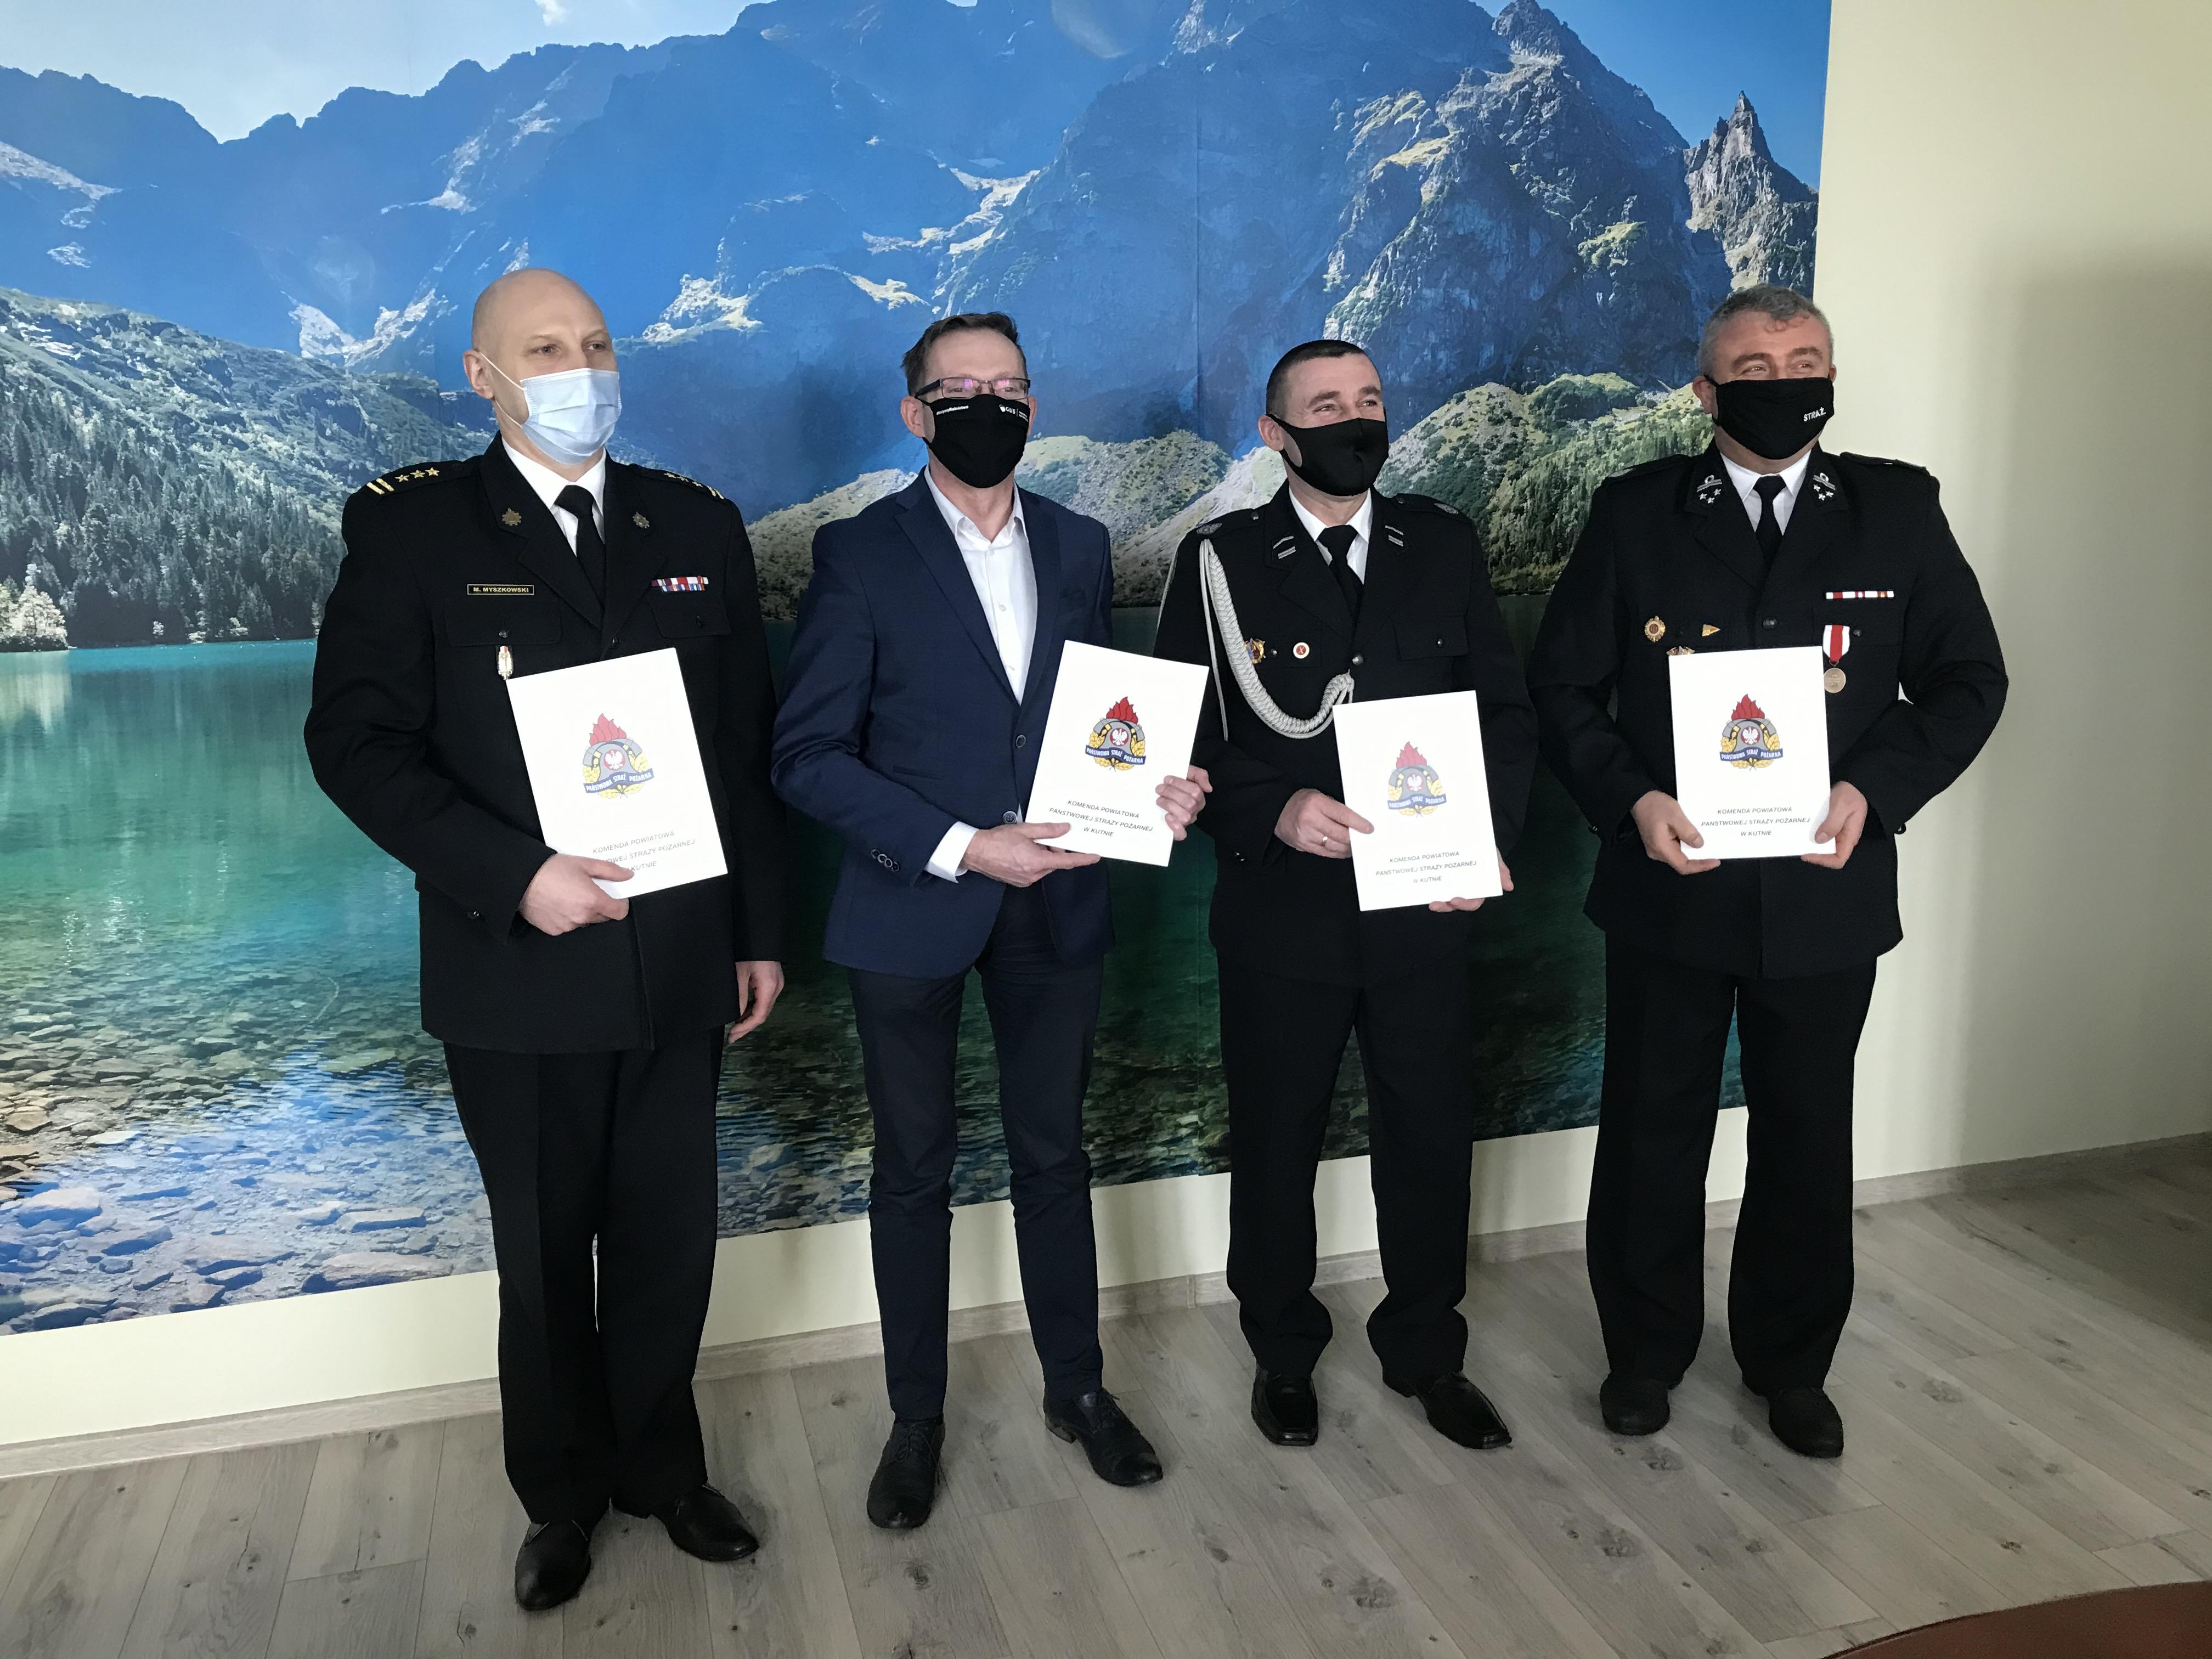 [FOTO] Wielki dzień OSP z powiatu kutnowskiego! Podpisano ważne porozumienie - Zdjęcie główne